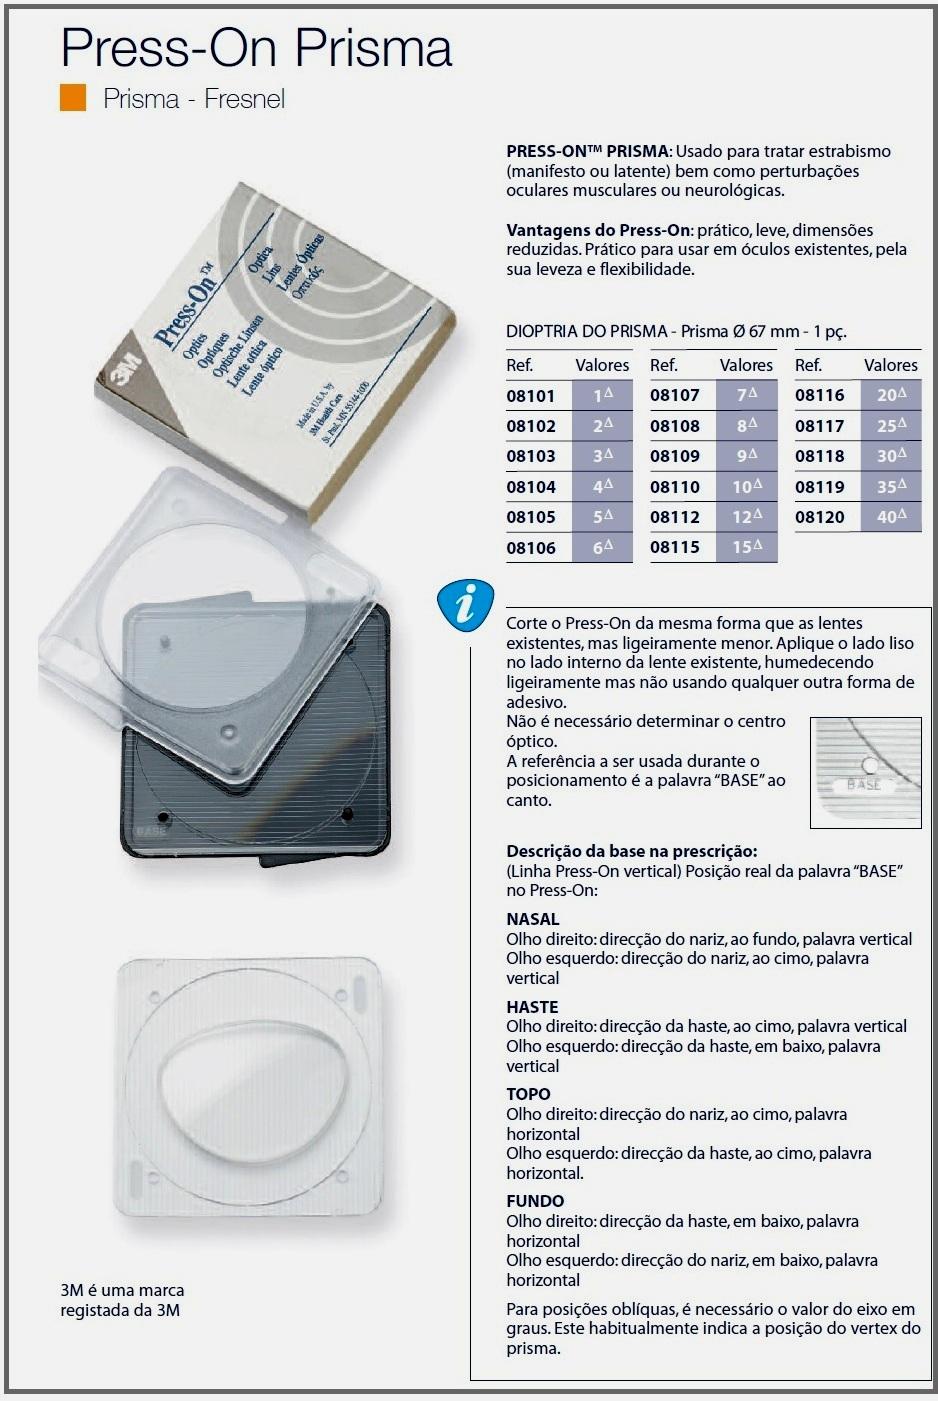 0208106-CorreçãoVisual Press-On Prisma 6 Mod 8106 FLAG E - Contém 1 Peça  - ENTREGA IMEDIATA